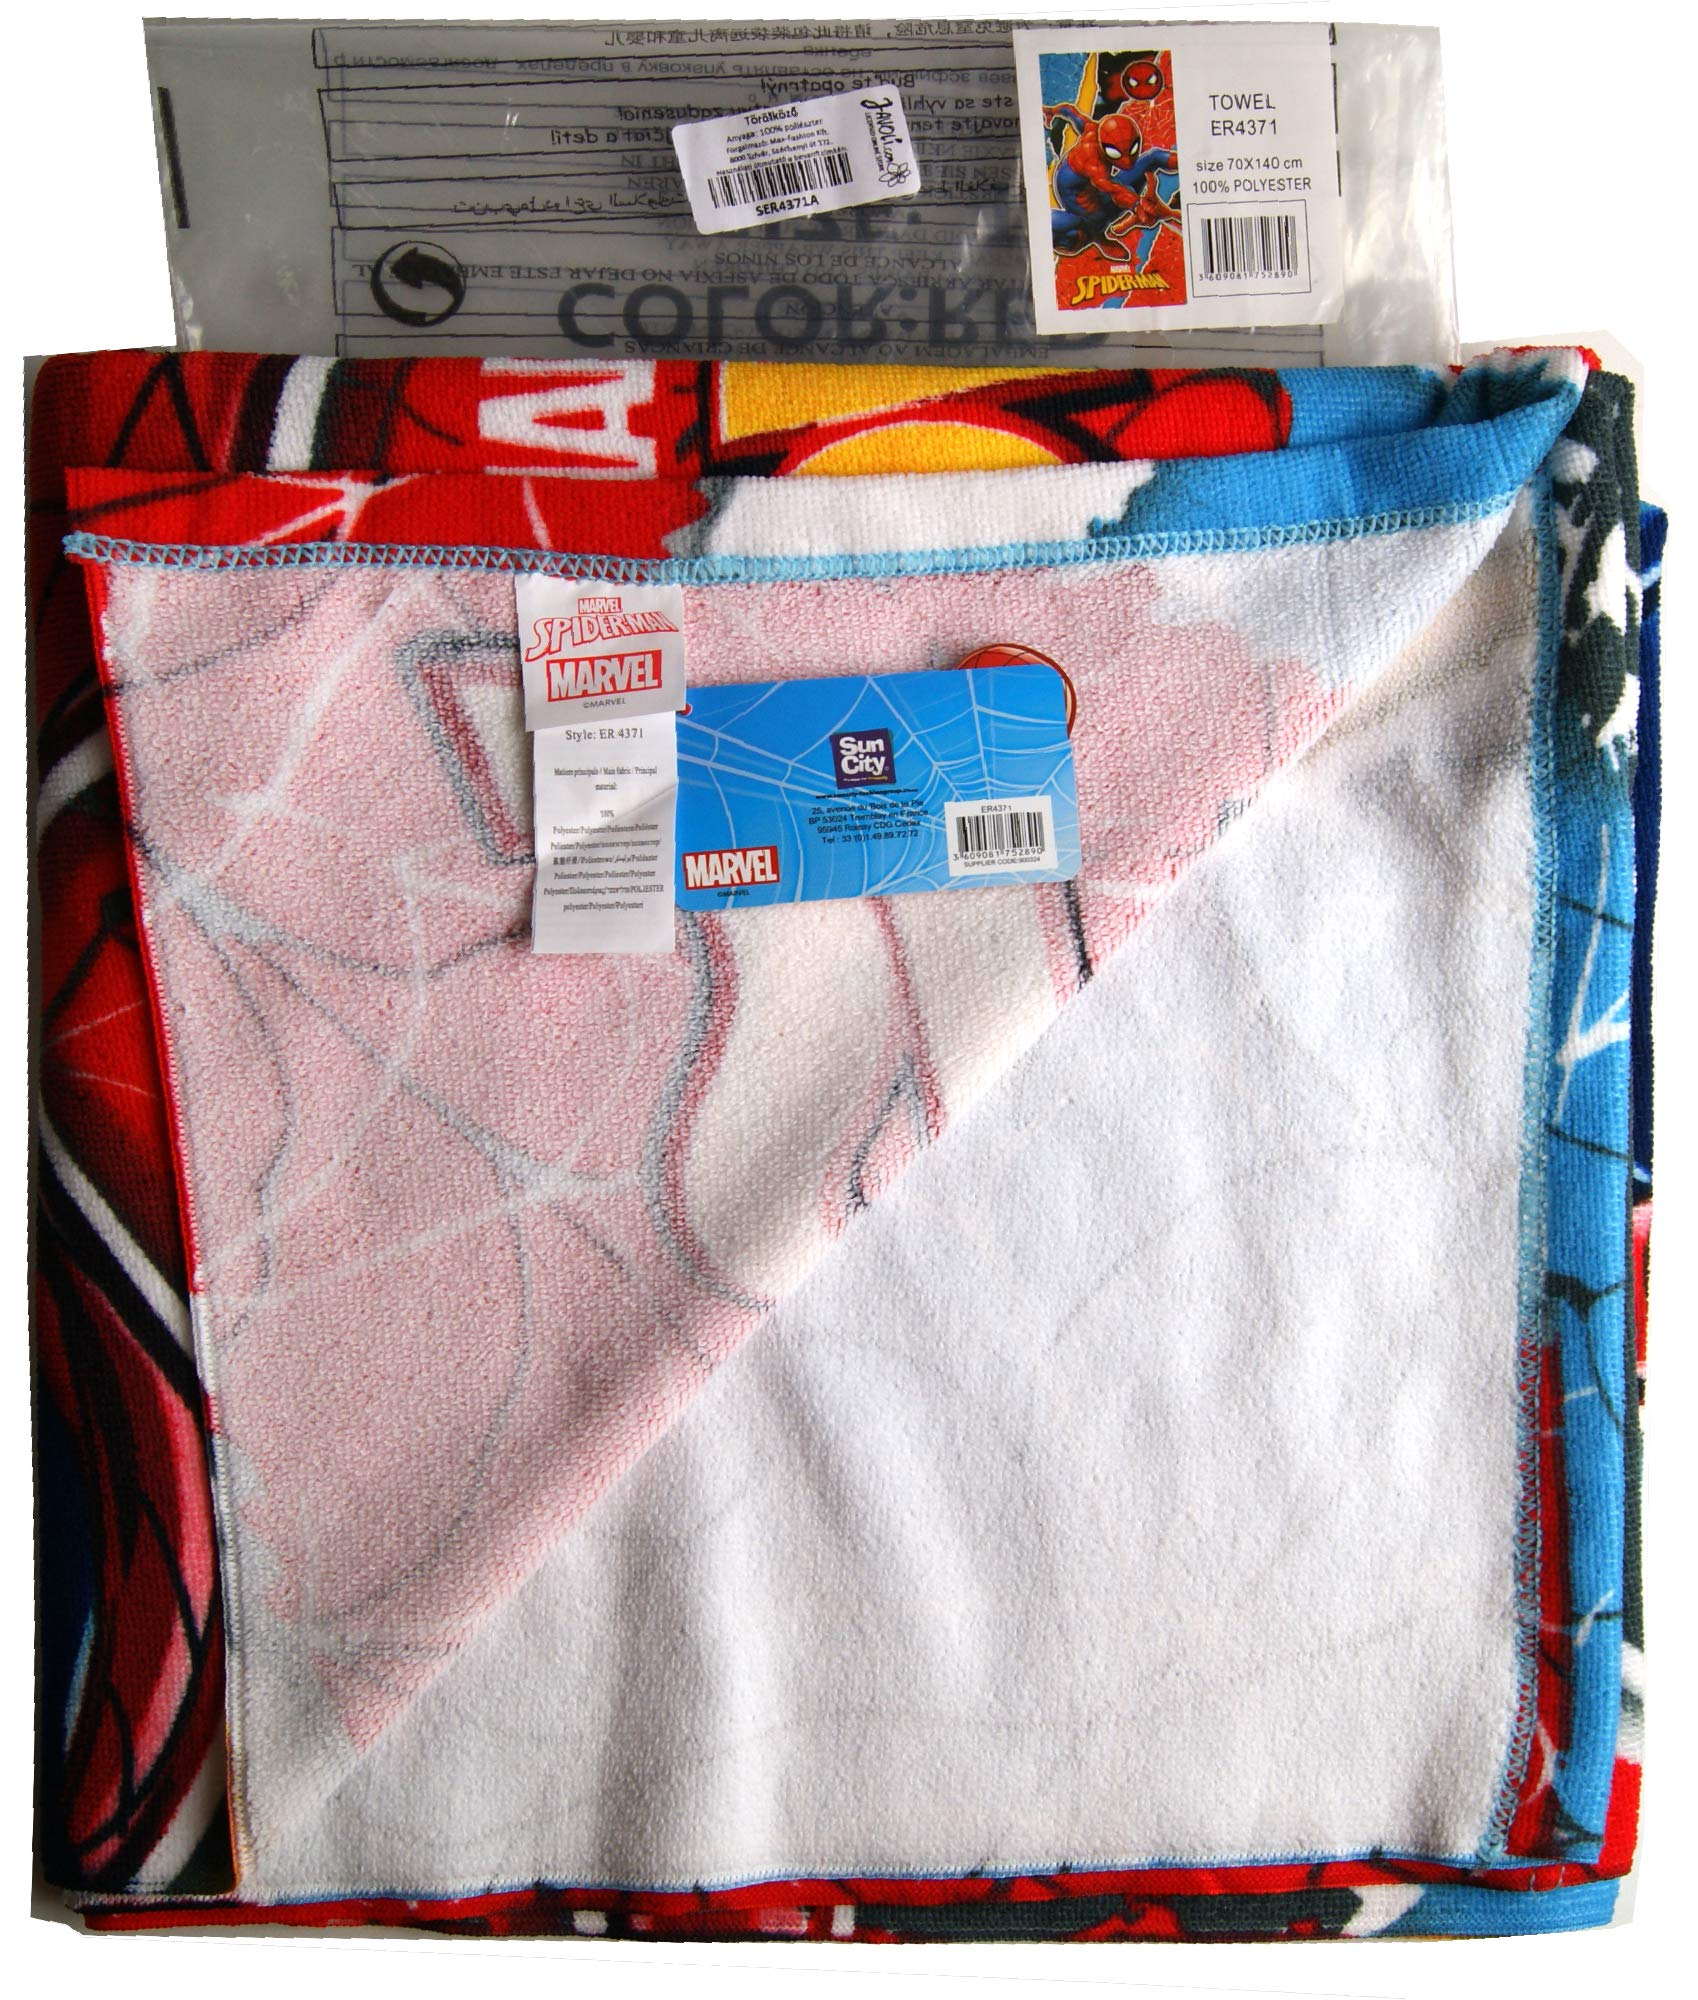 Spiderman Towel,Bath Towel,Swimming Pool,Towel,Beach Towel,Official Licensed by Marvel Spiderman. (Image #3)